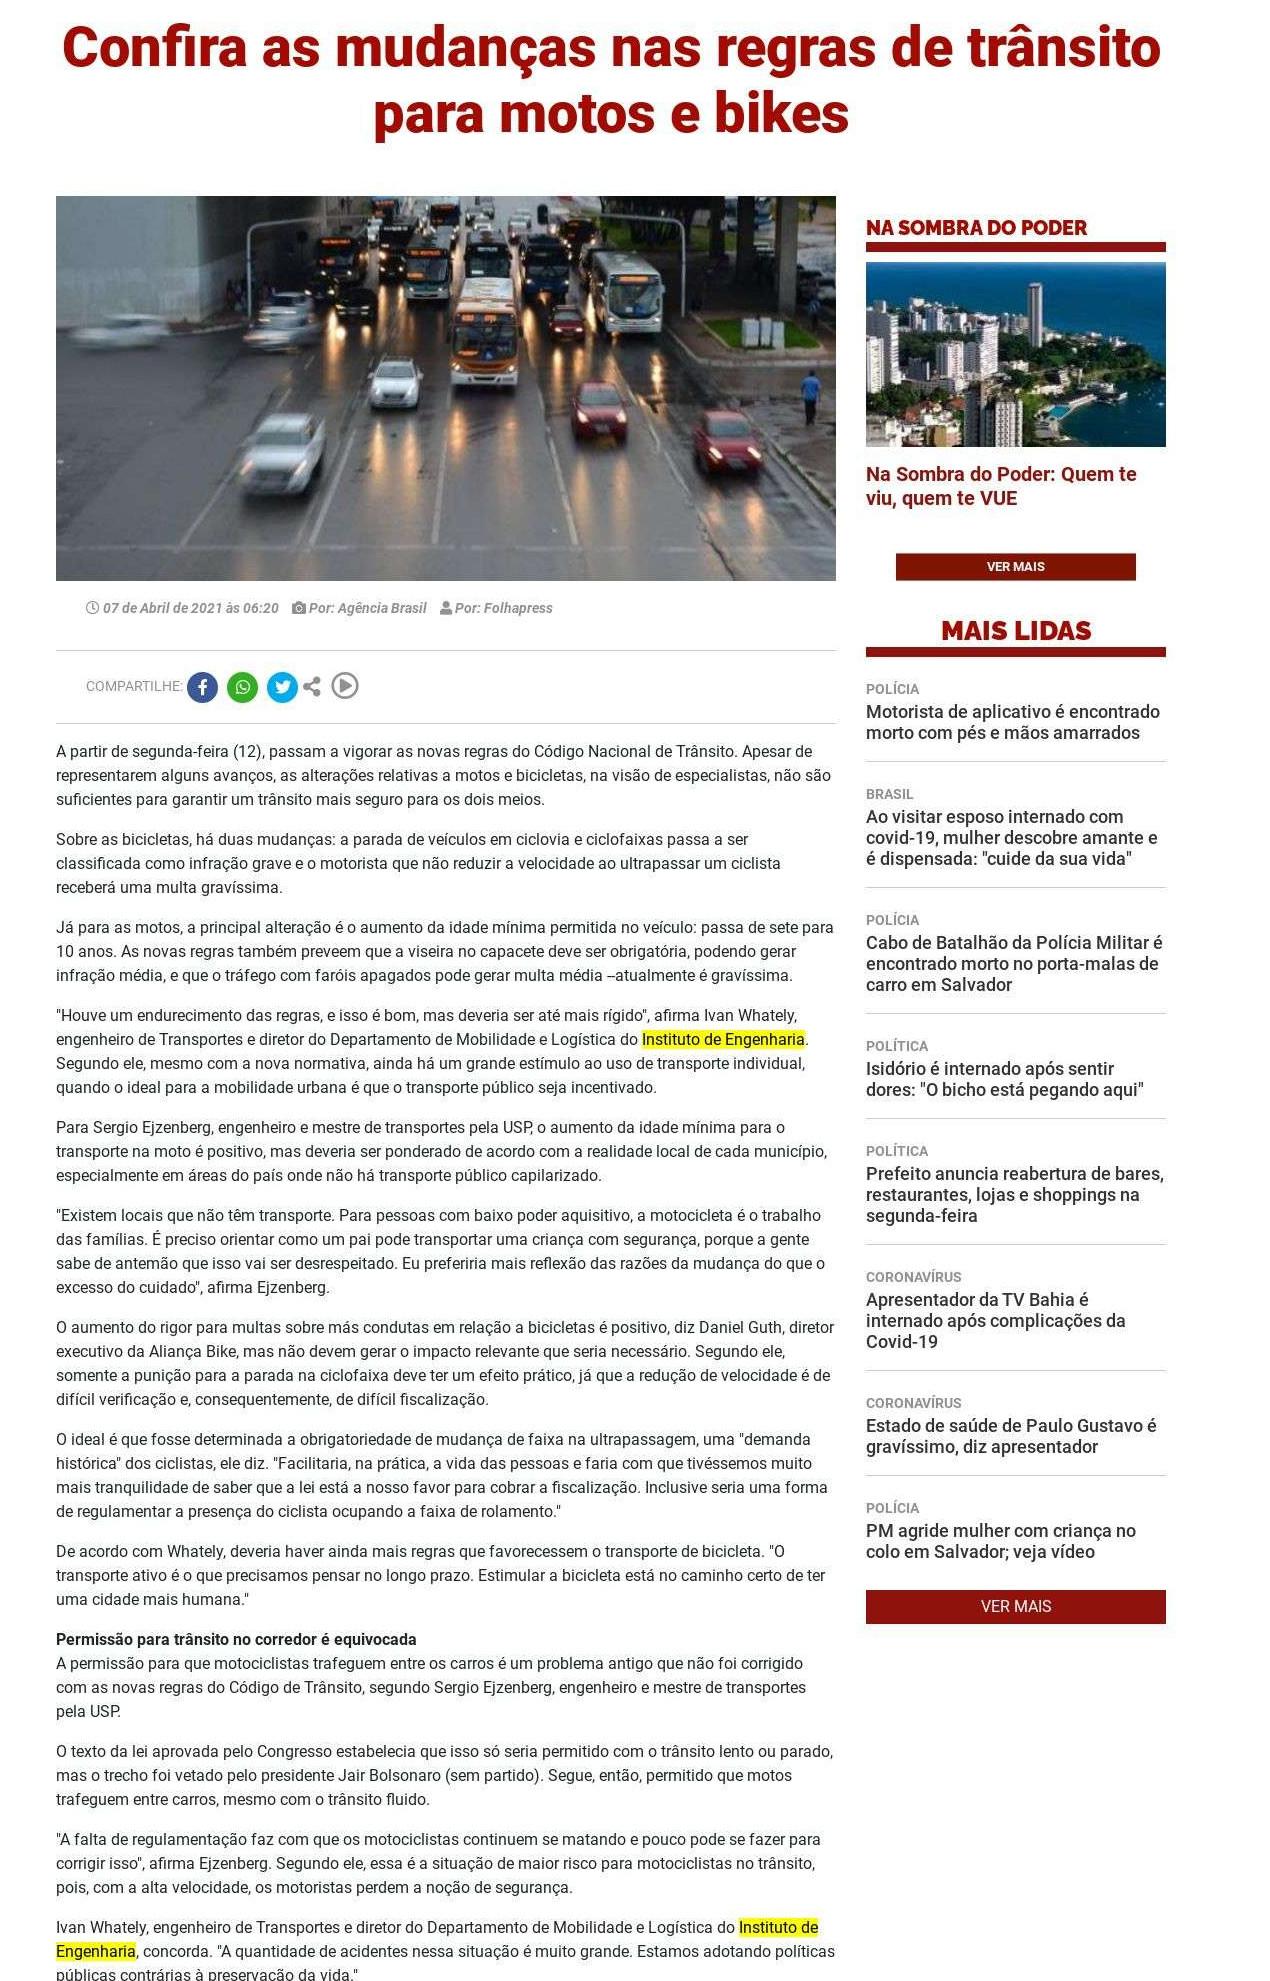 Confira as mudanças nas regras de trânsito para motos e bikes - BNews